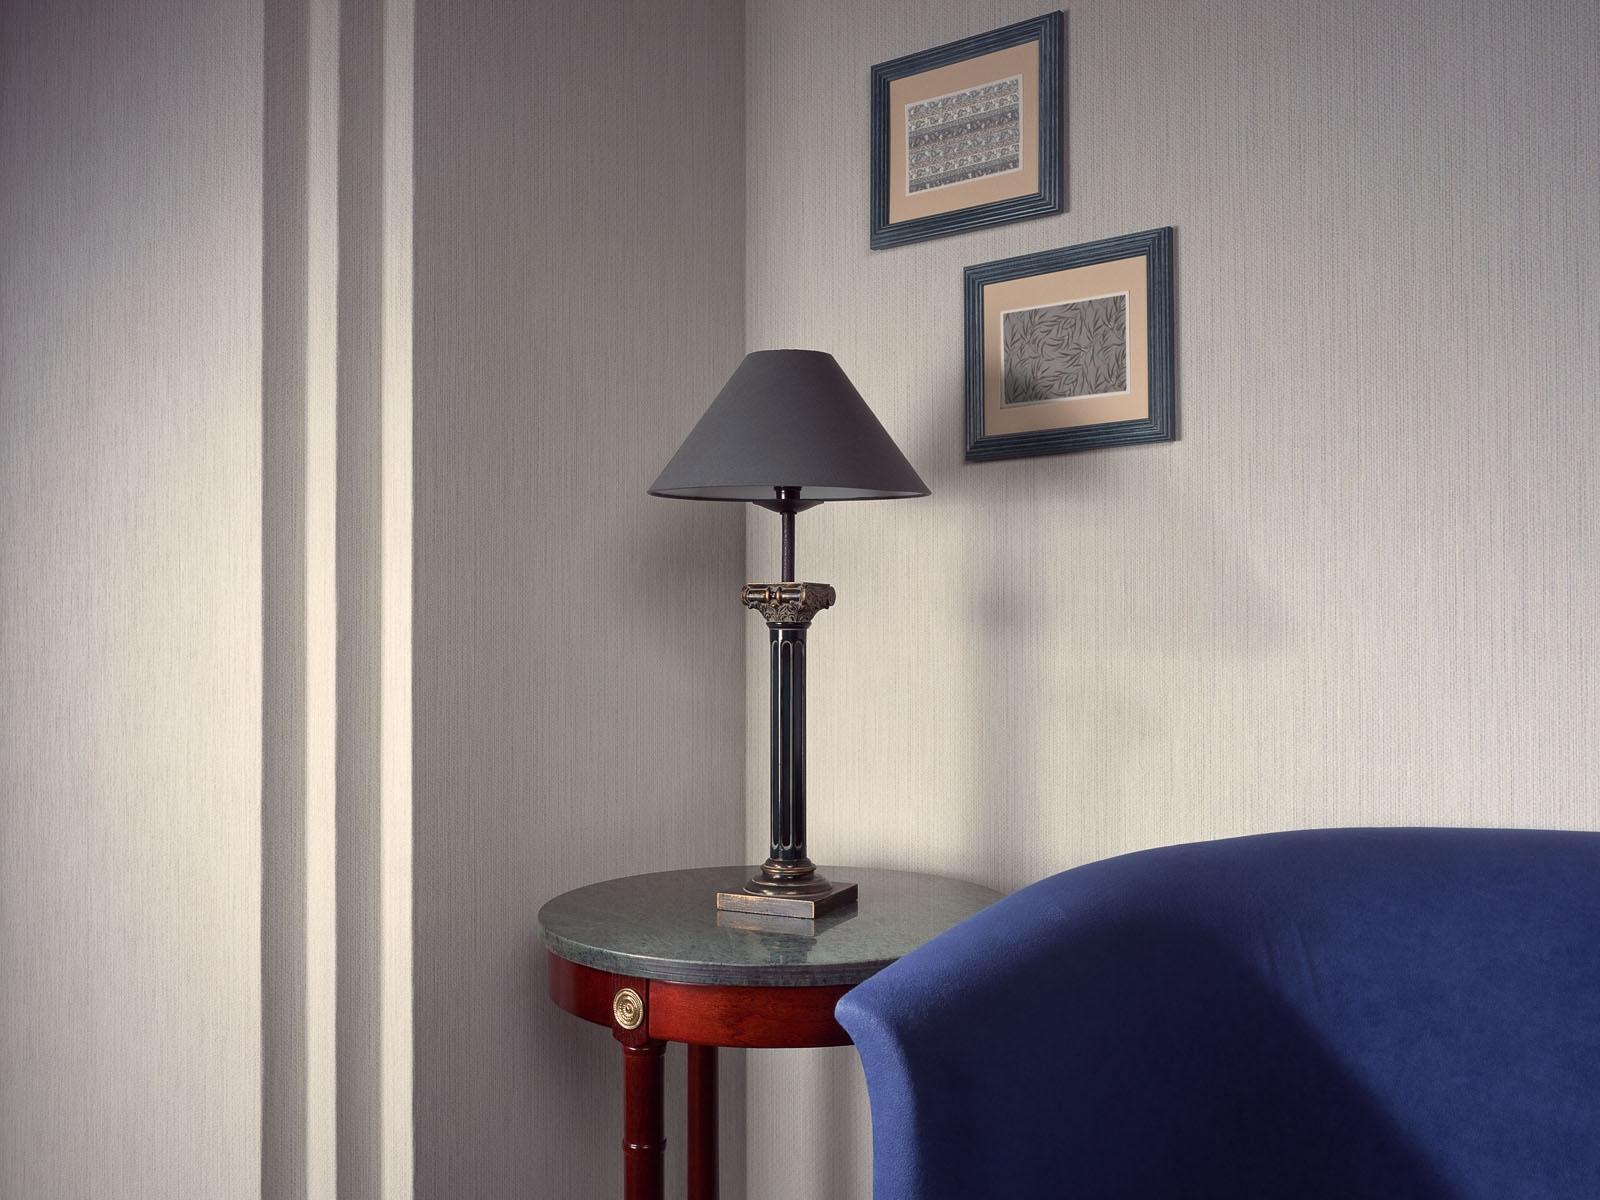 Sfondi : camera parete tavolo blu lampada interior design